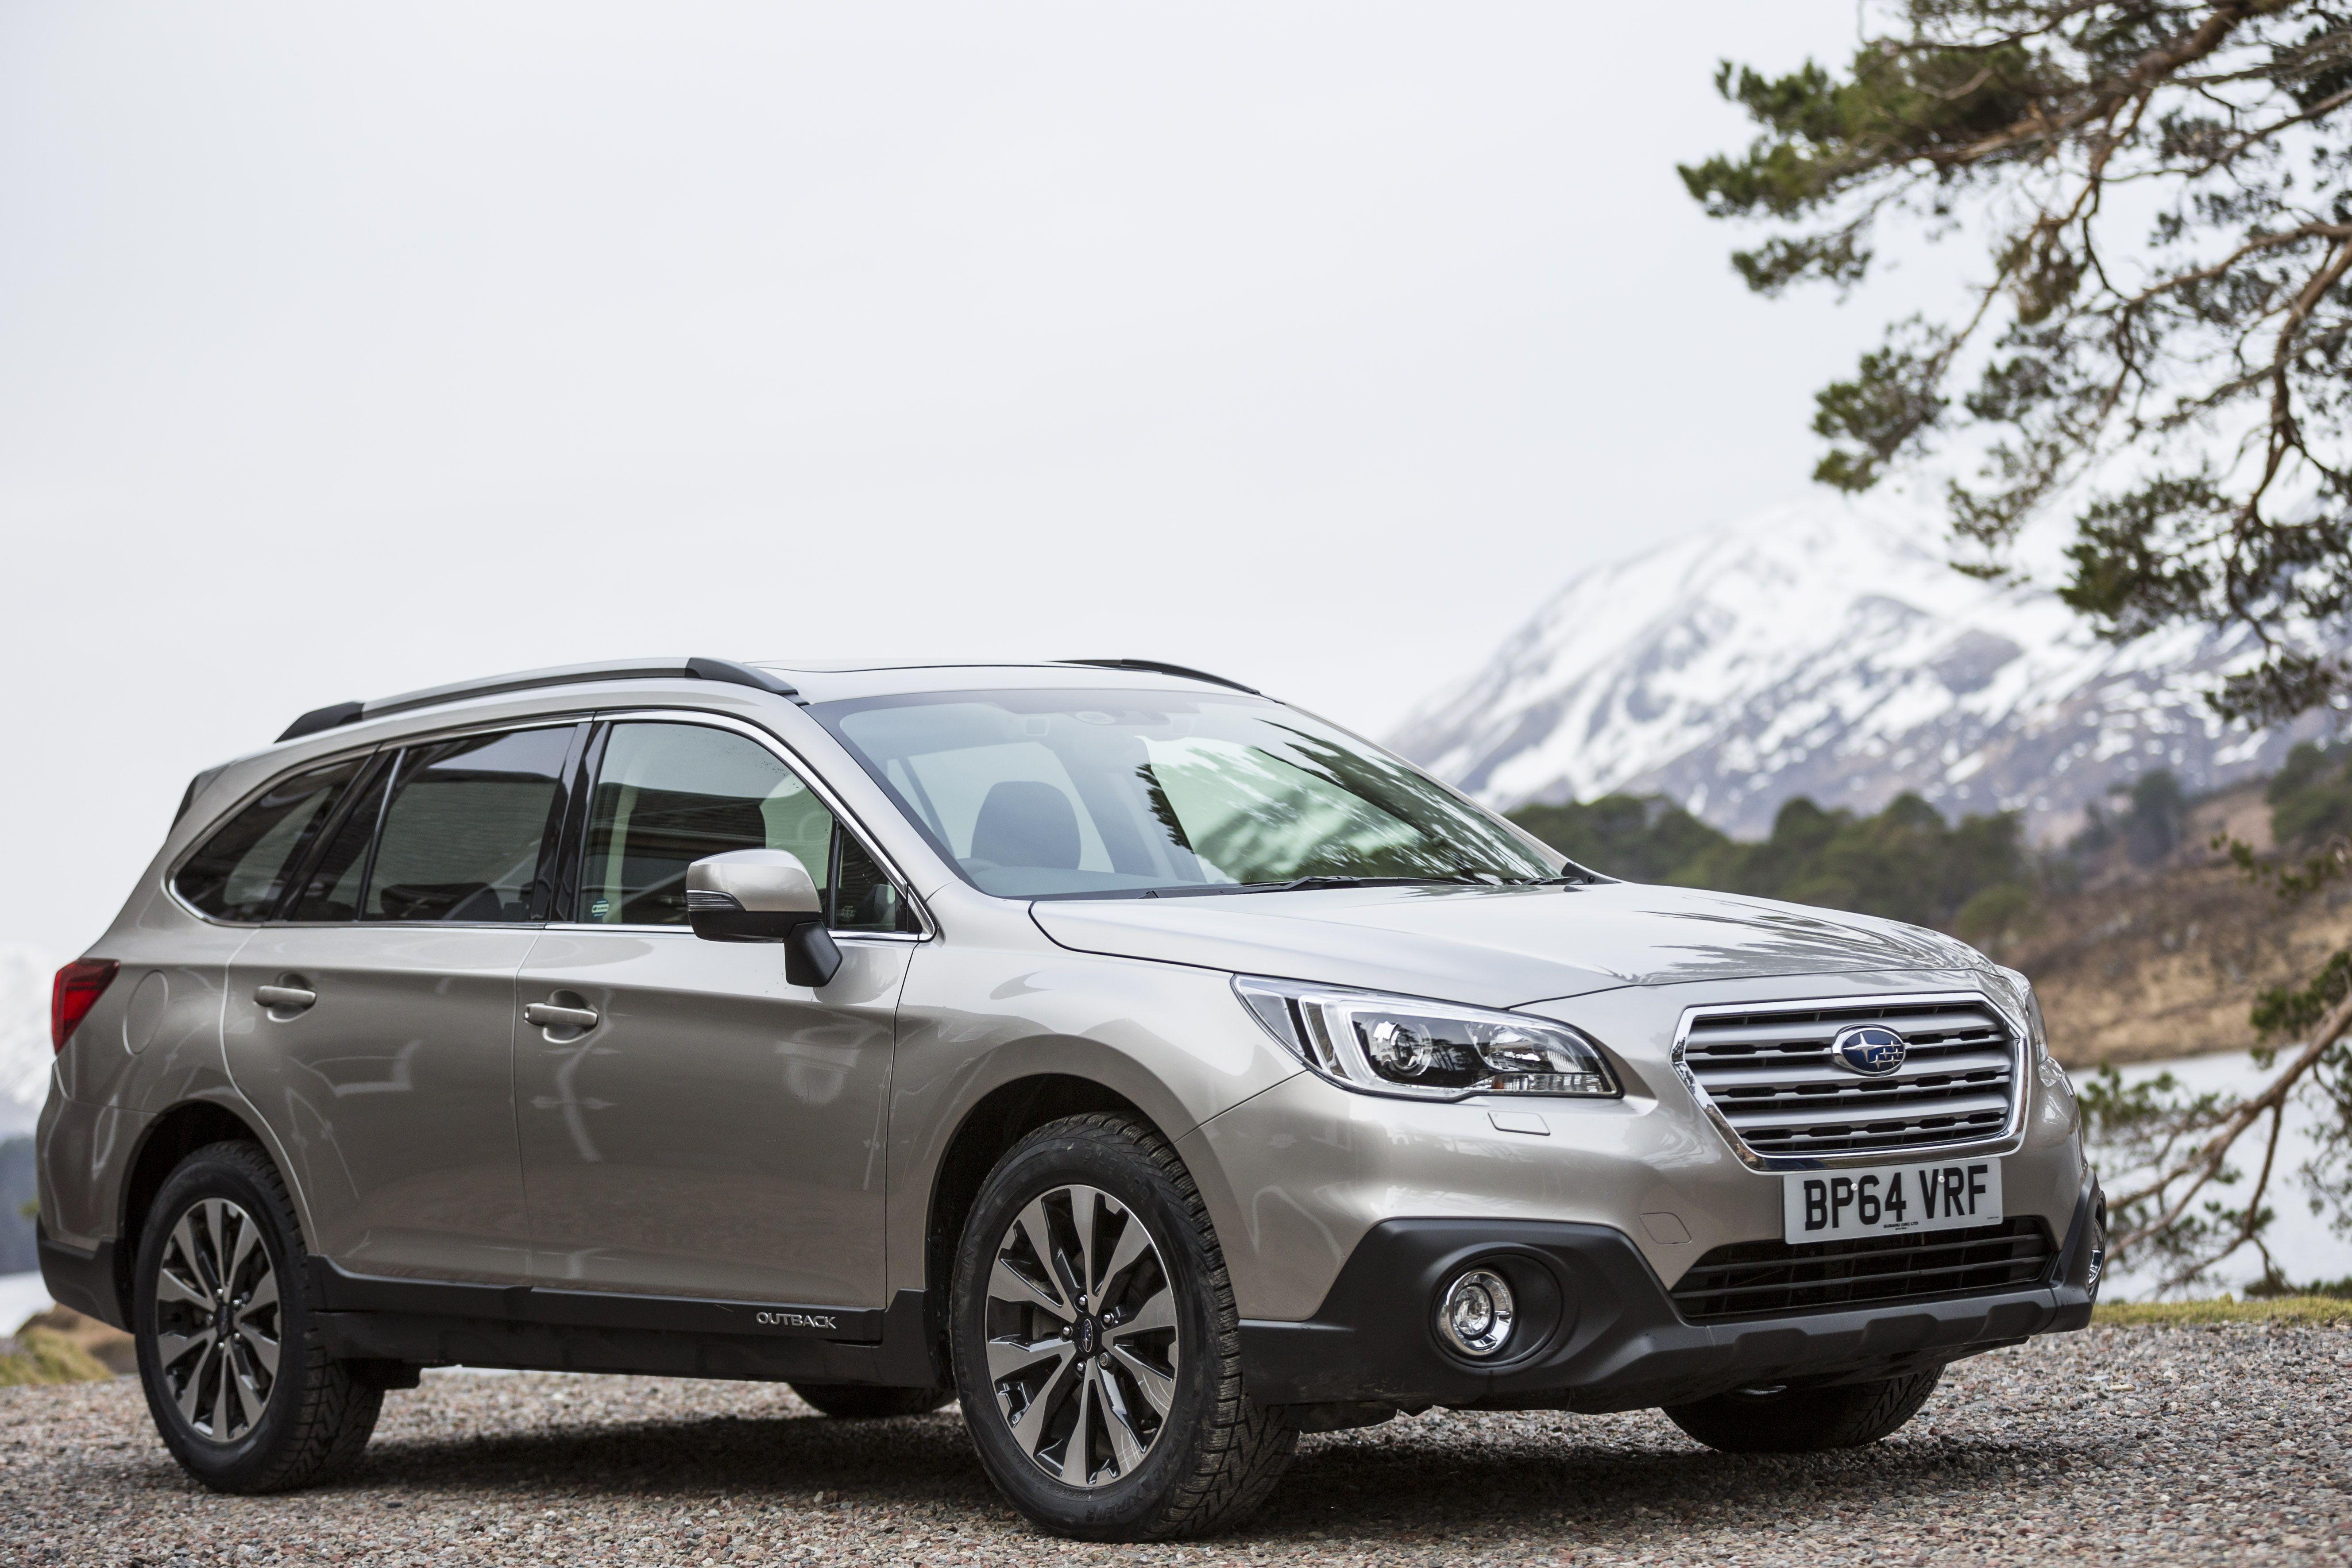 The All New Subaru Outback 2015 Subaruoutbackuk Subaruoutback Subaruuk Scotland Automotive Adventure Confidenc Subaru Outback Subaru Outback 2015 Subaru